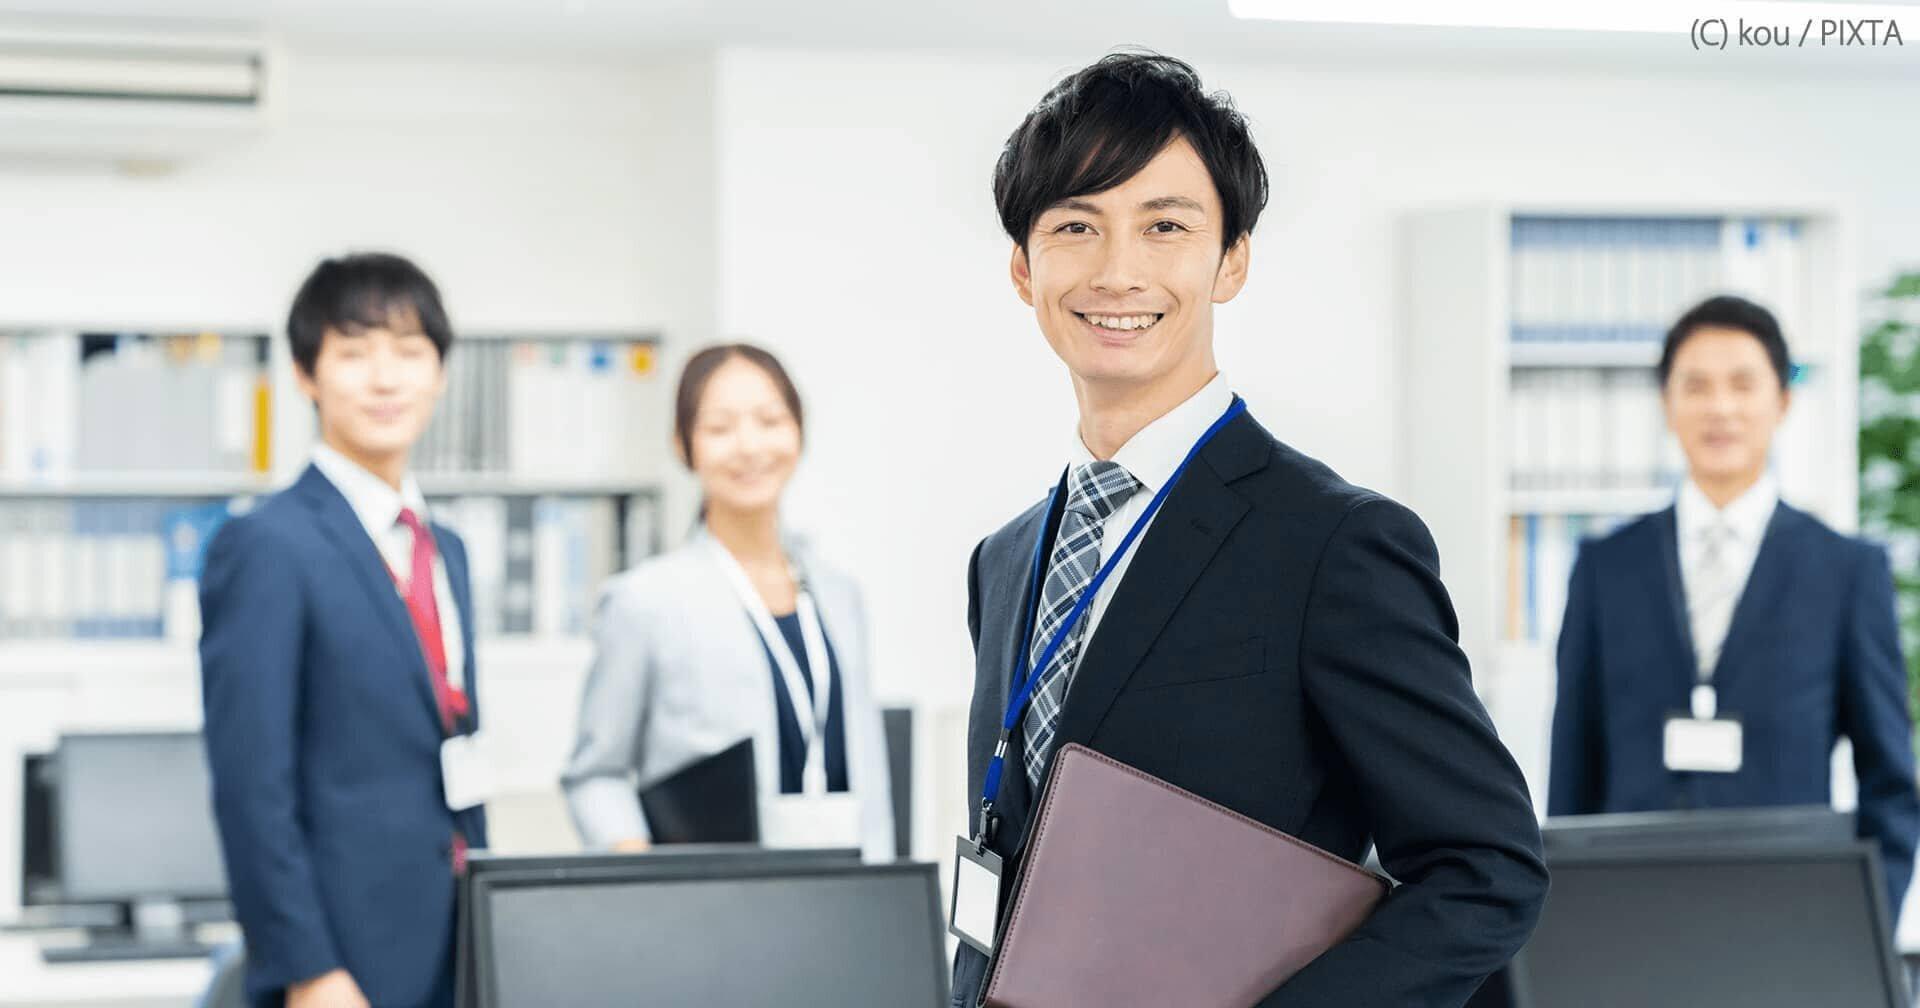 新入社員のメンターに求められる資質とスキル